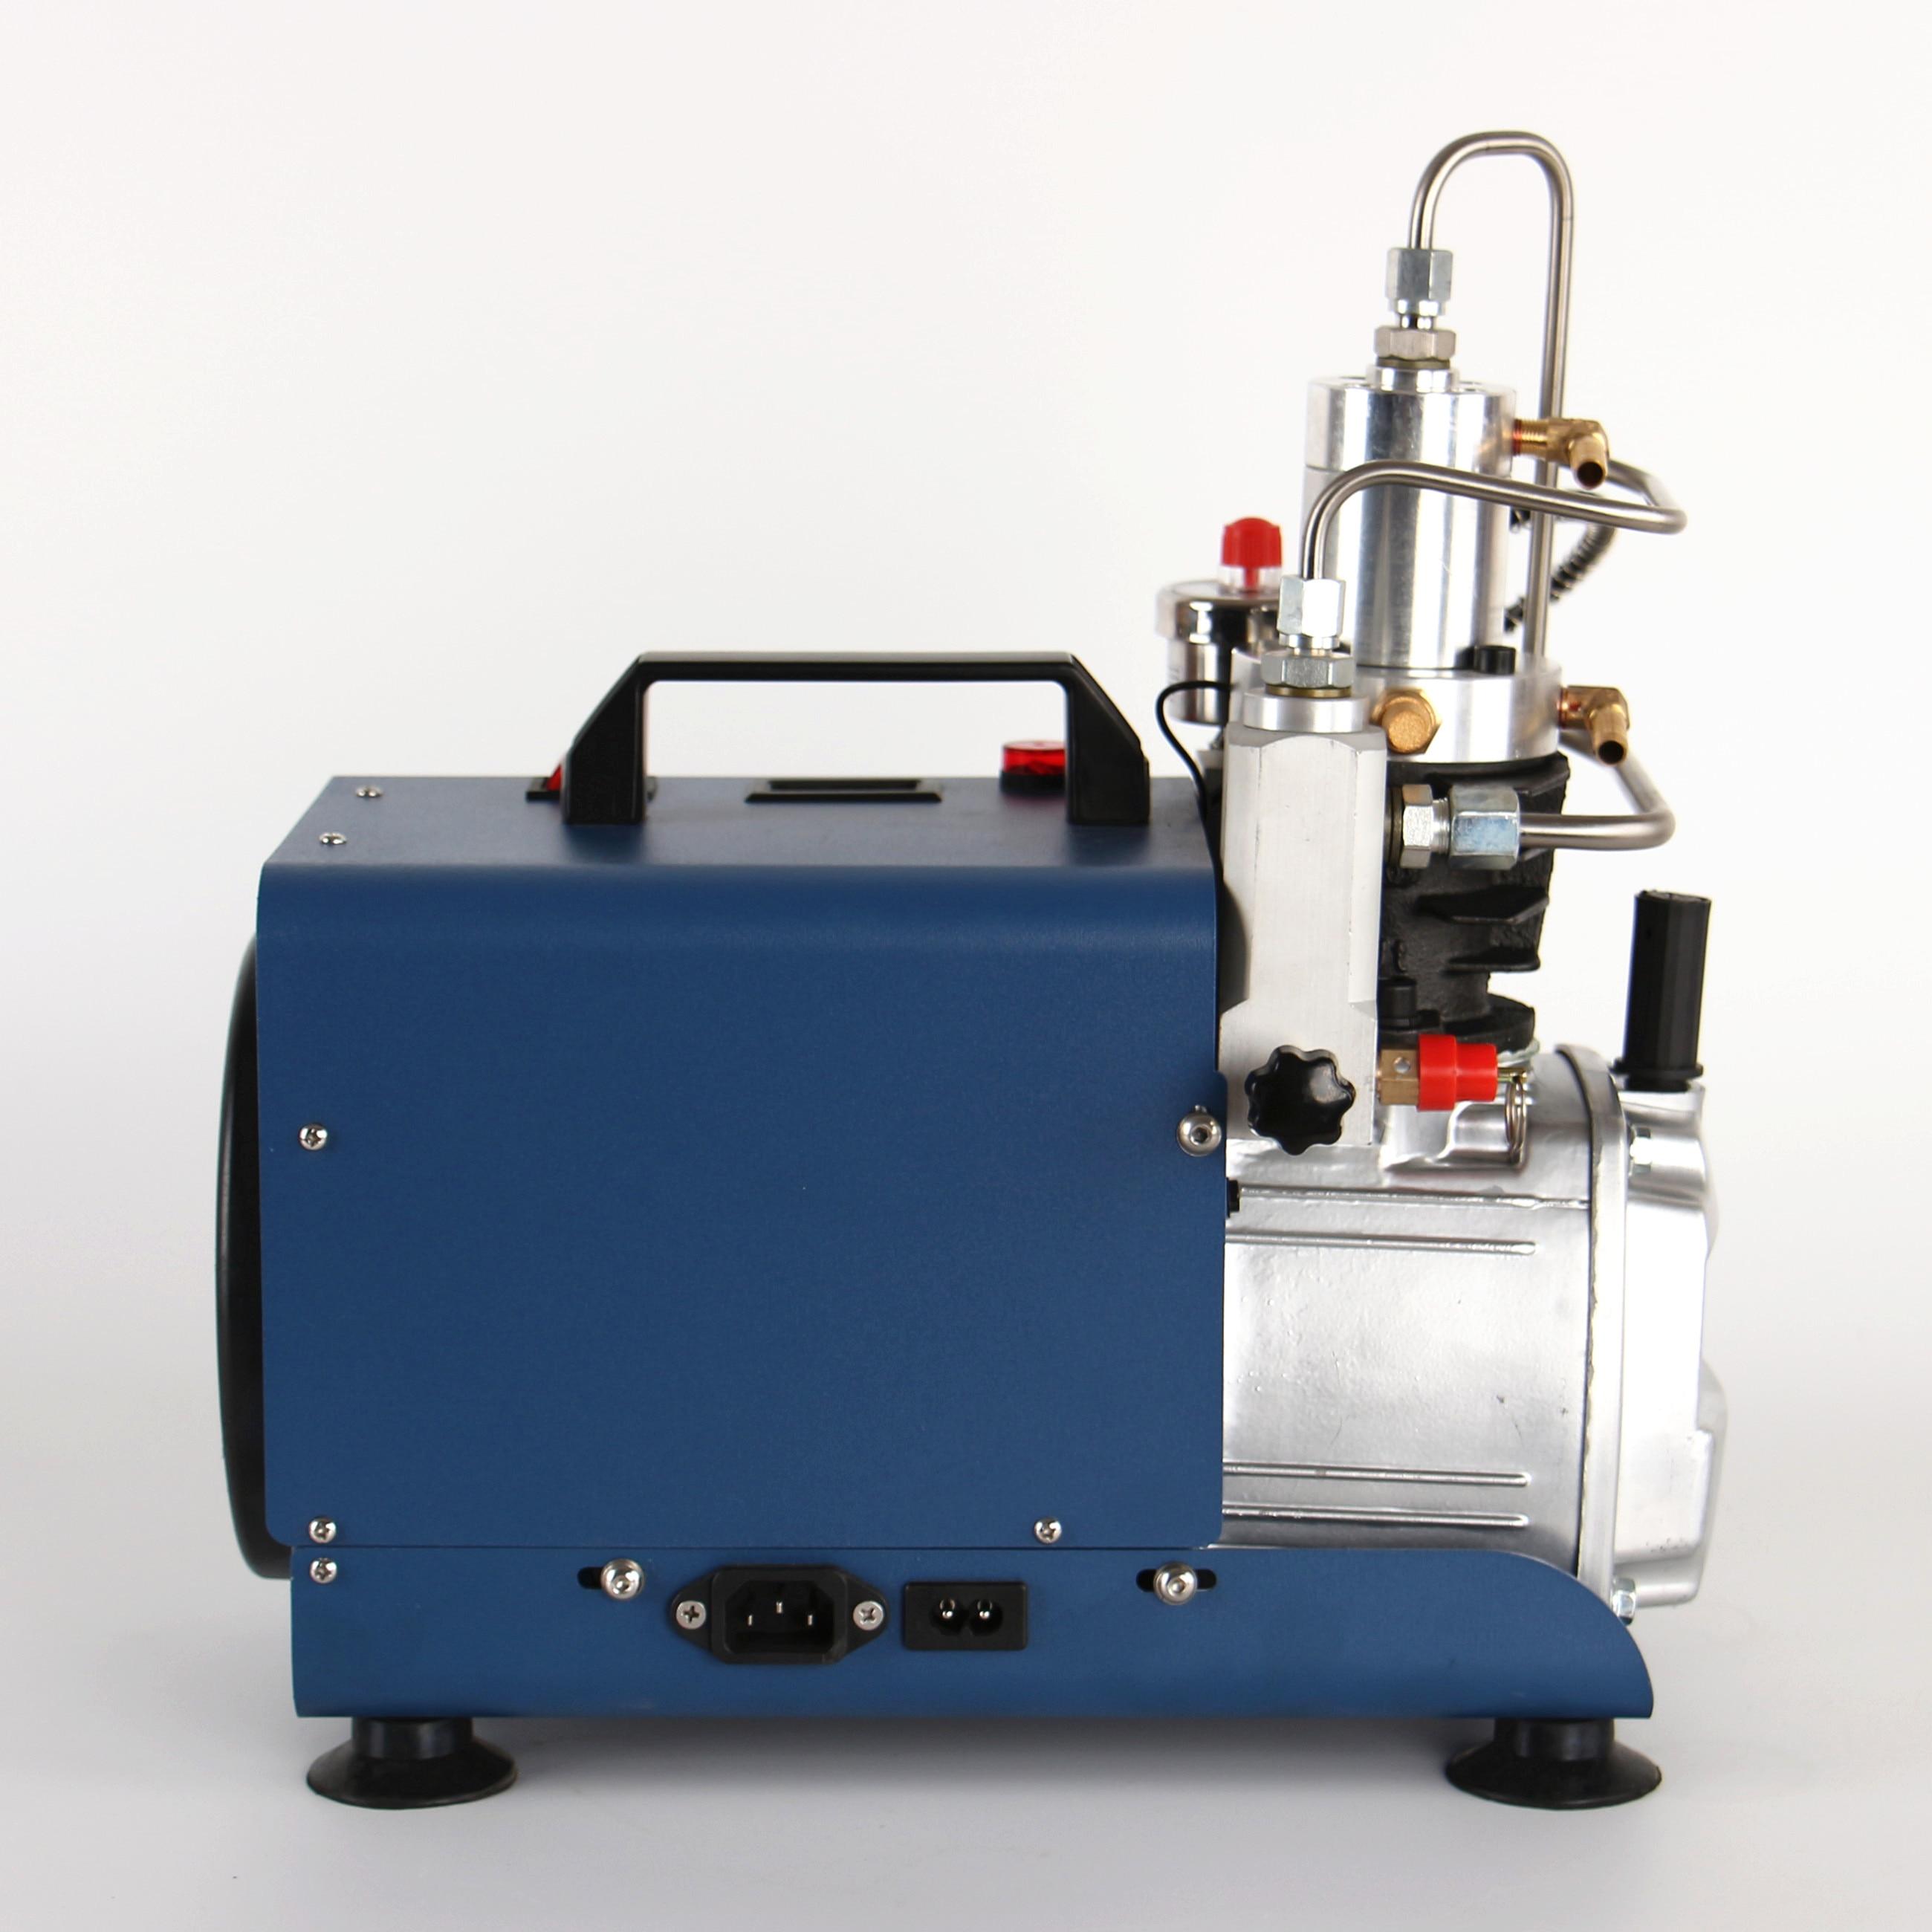 Pompe à Air à haute pression de compresseur d'air électrique de 300BAR 30MPA 4500PSI pour le gonfleur pneumatique de PCP de fusil de plongée d'airgun 220v 110v - 6